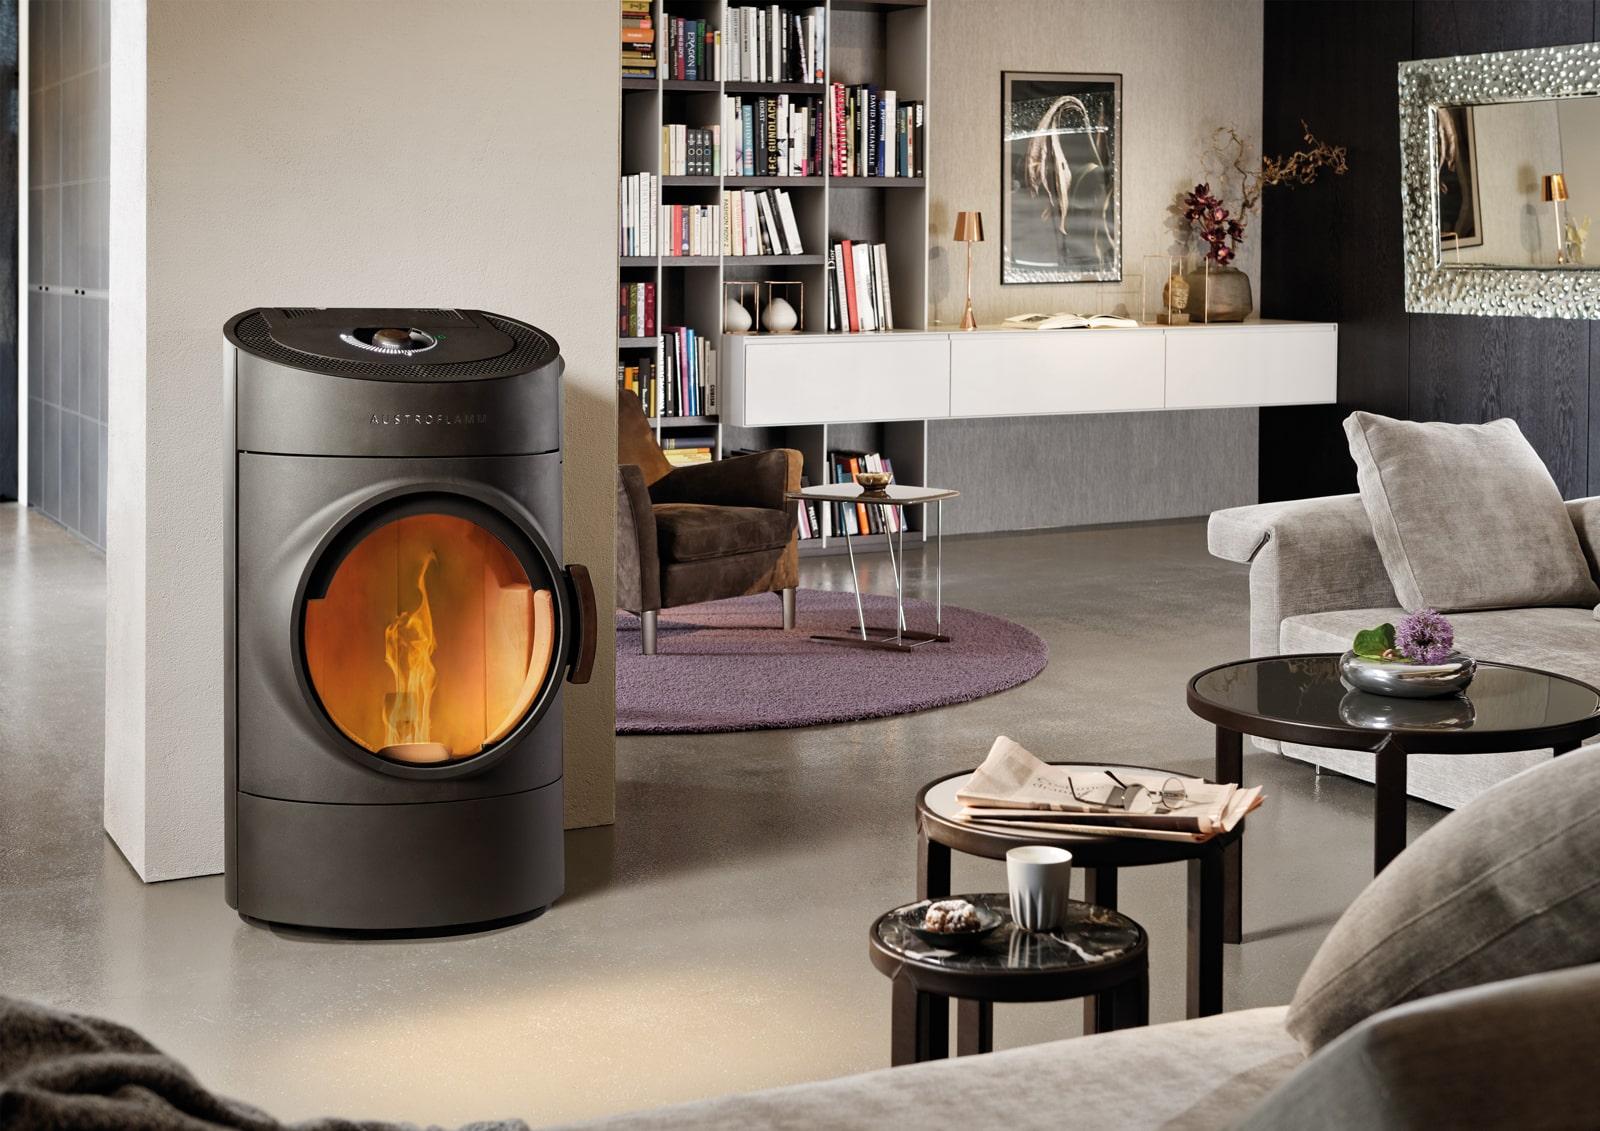 Poele A Pellet Que Choisir poêle ou cheminée, que choisir pour votre maison ? - rigail